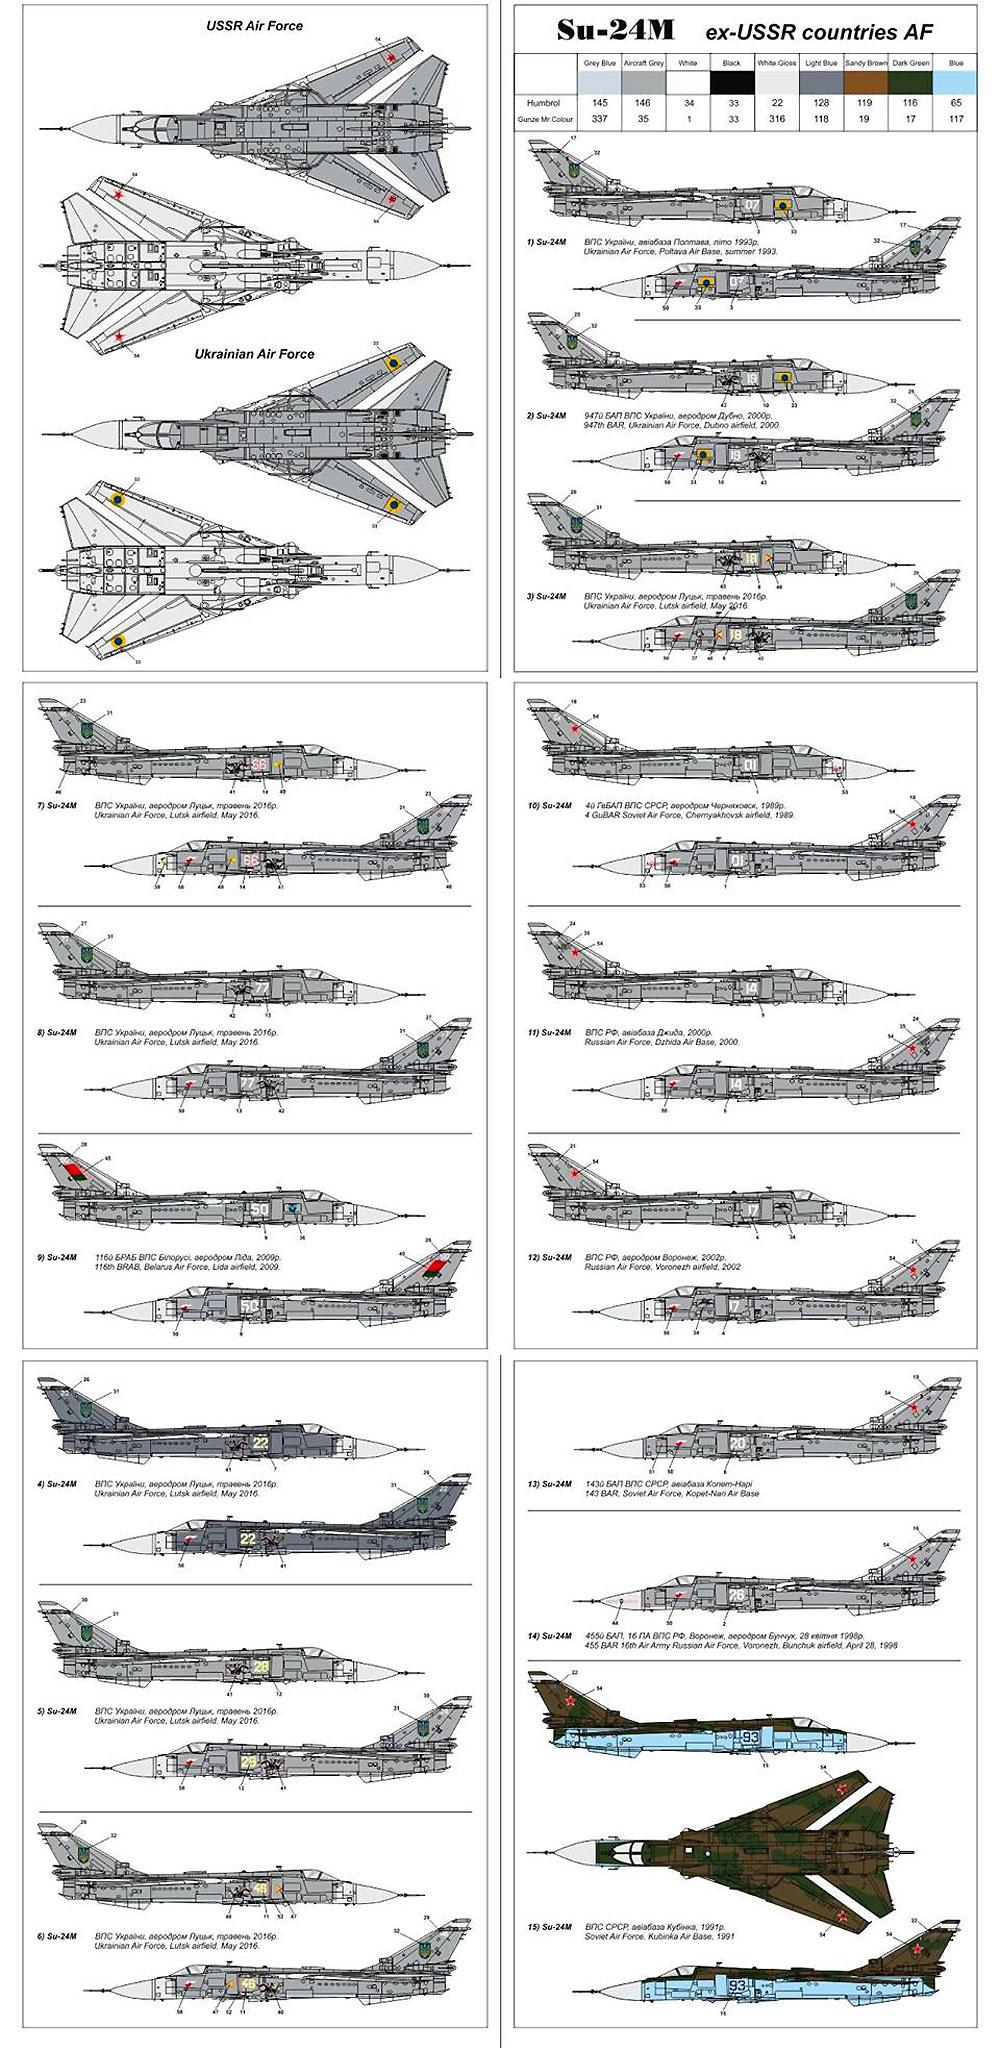 スホーイ Su-24M フェンサーD 旧ソ連諸国プラモデル(ARMORY1/144 エアクラフトNo.14702)商品画像_2